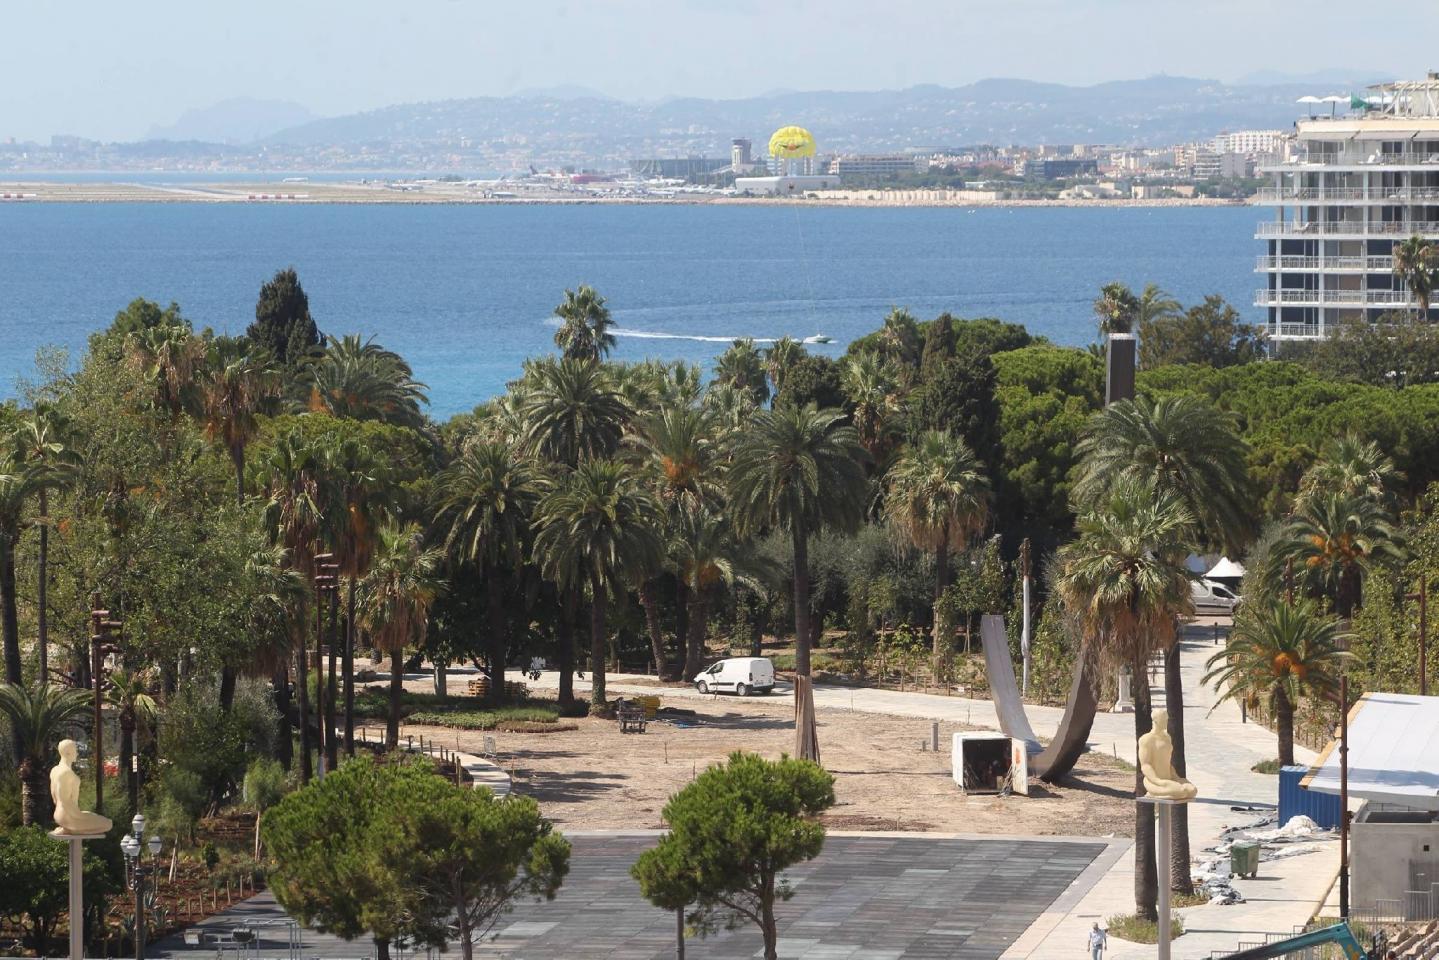 Le futur pavillon de l'Office du tourisme : une présence permanente au cœur du parc urbain.